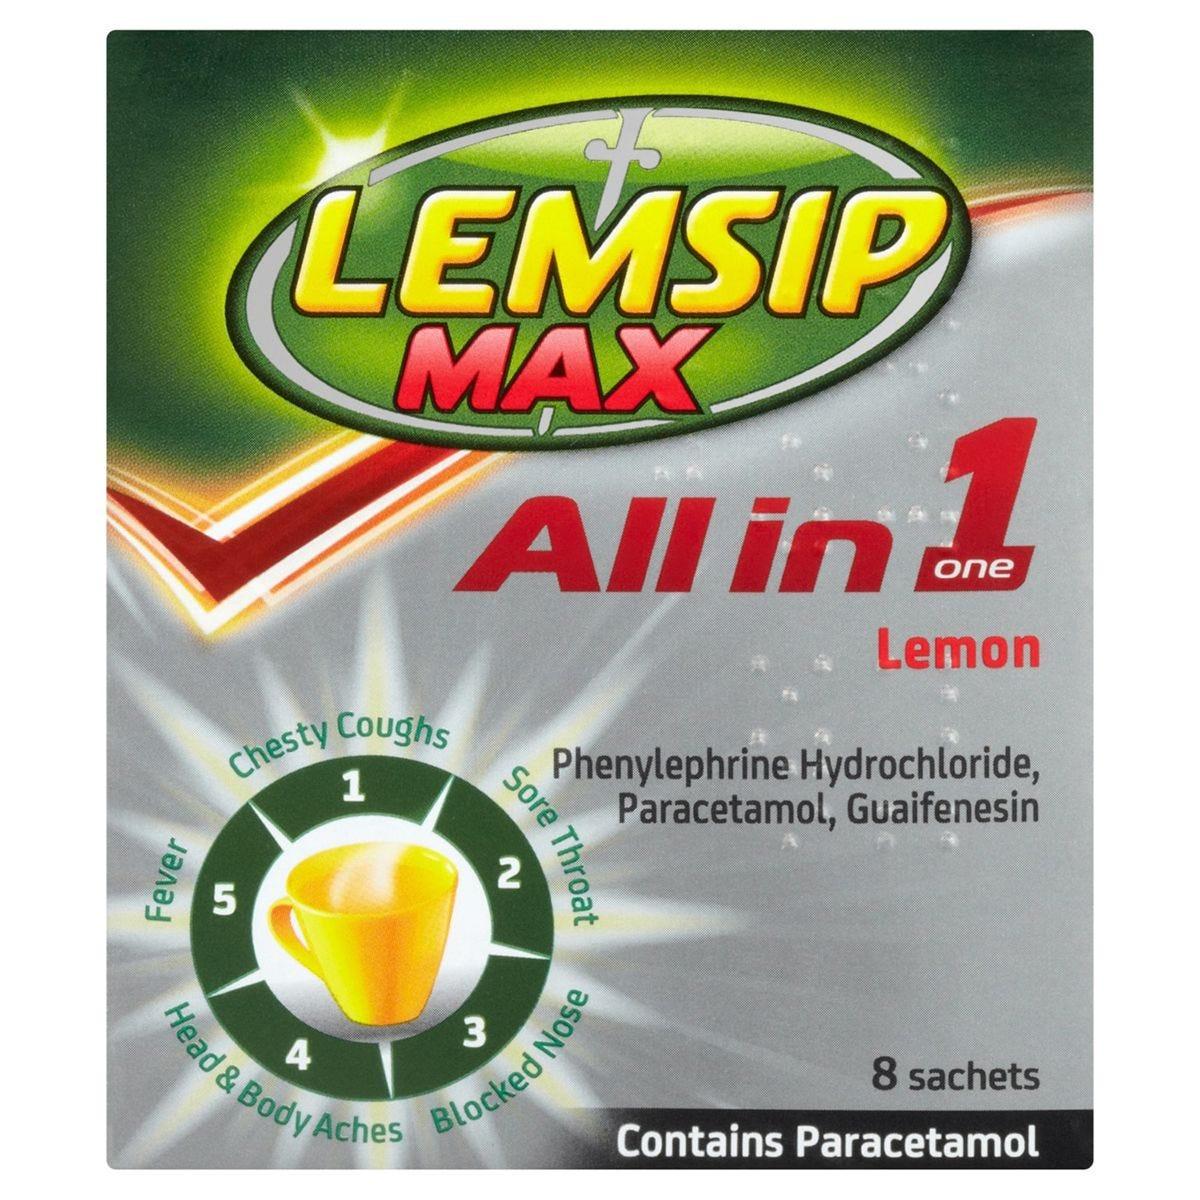 Lemsip Max All in One Lemon - 8 Sachets